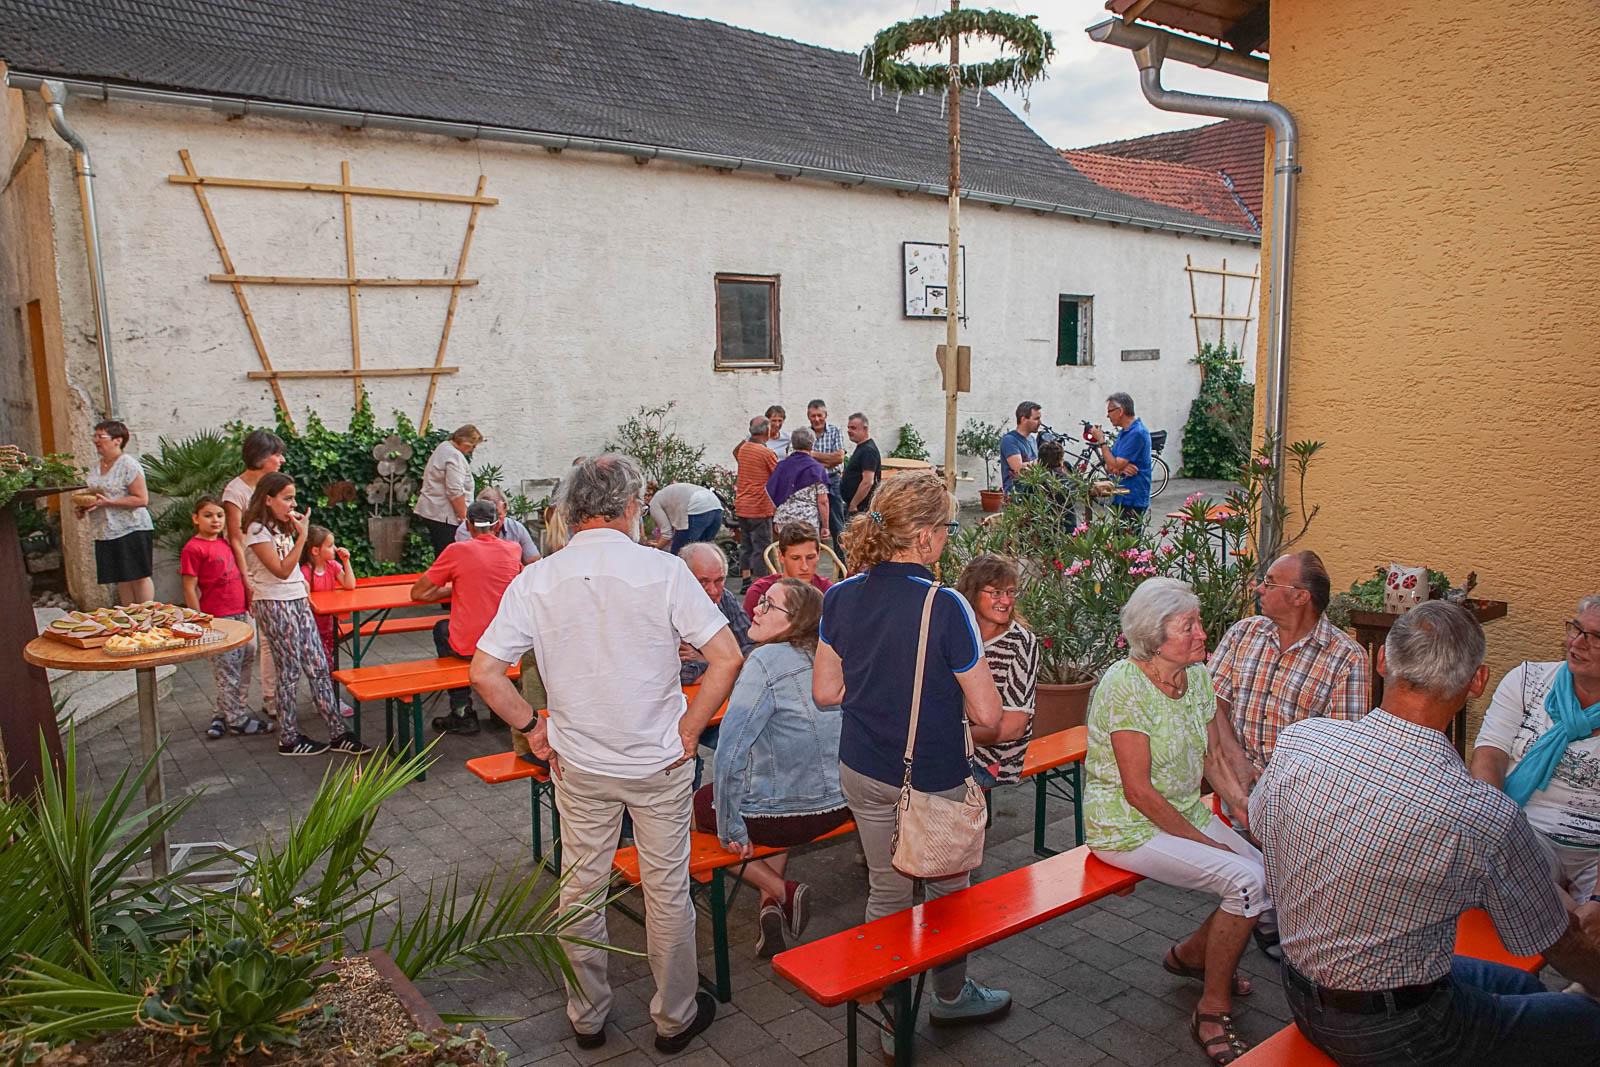 20190718-Schauermesse in Brensdorf-Obermeier-01374